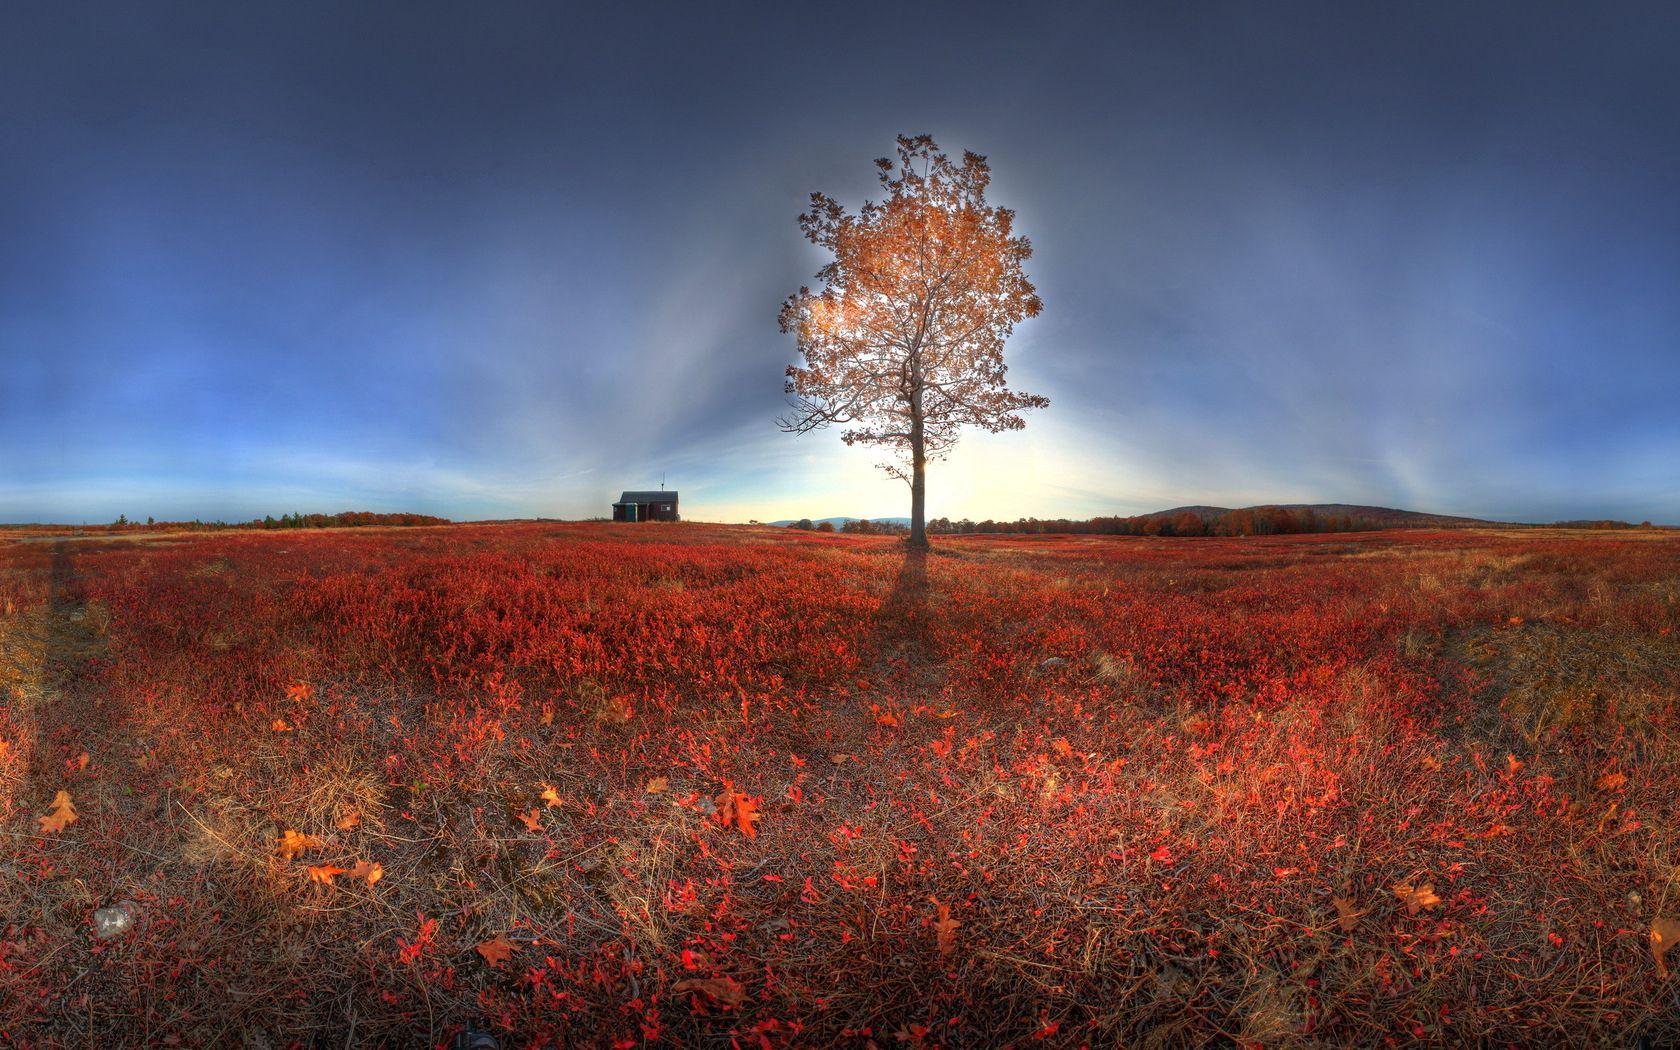 134769 Hintergrundbild herunterladen Landschaft, Natur, Herbst, Scheinen, Licht, Holz, Baum - Bildschirmschoner und Bilder kostenlos